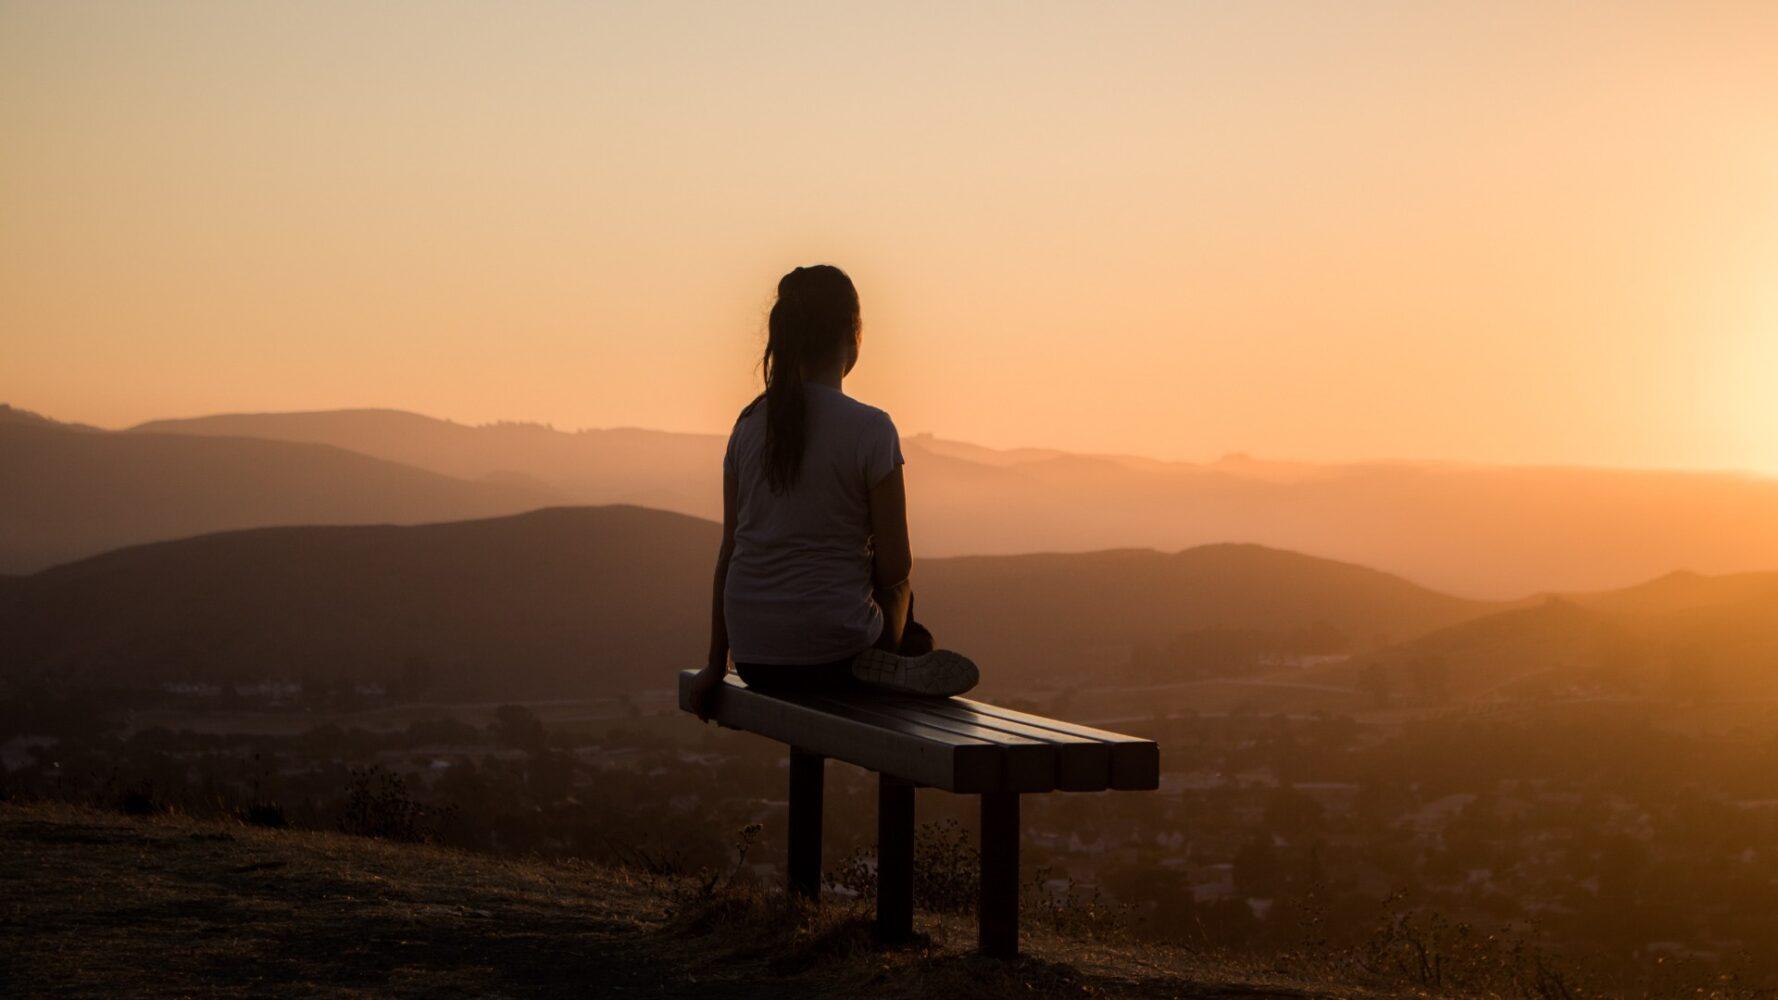 Immagine di una ragazza che guarda l'orizzonte